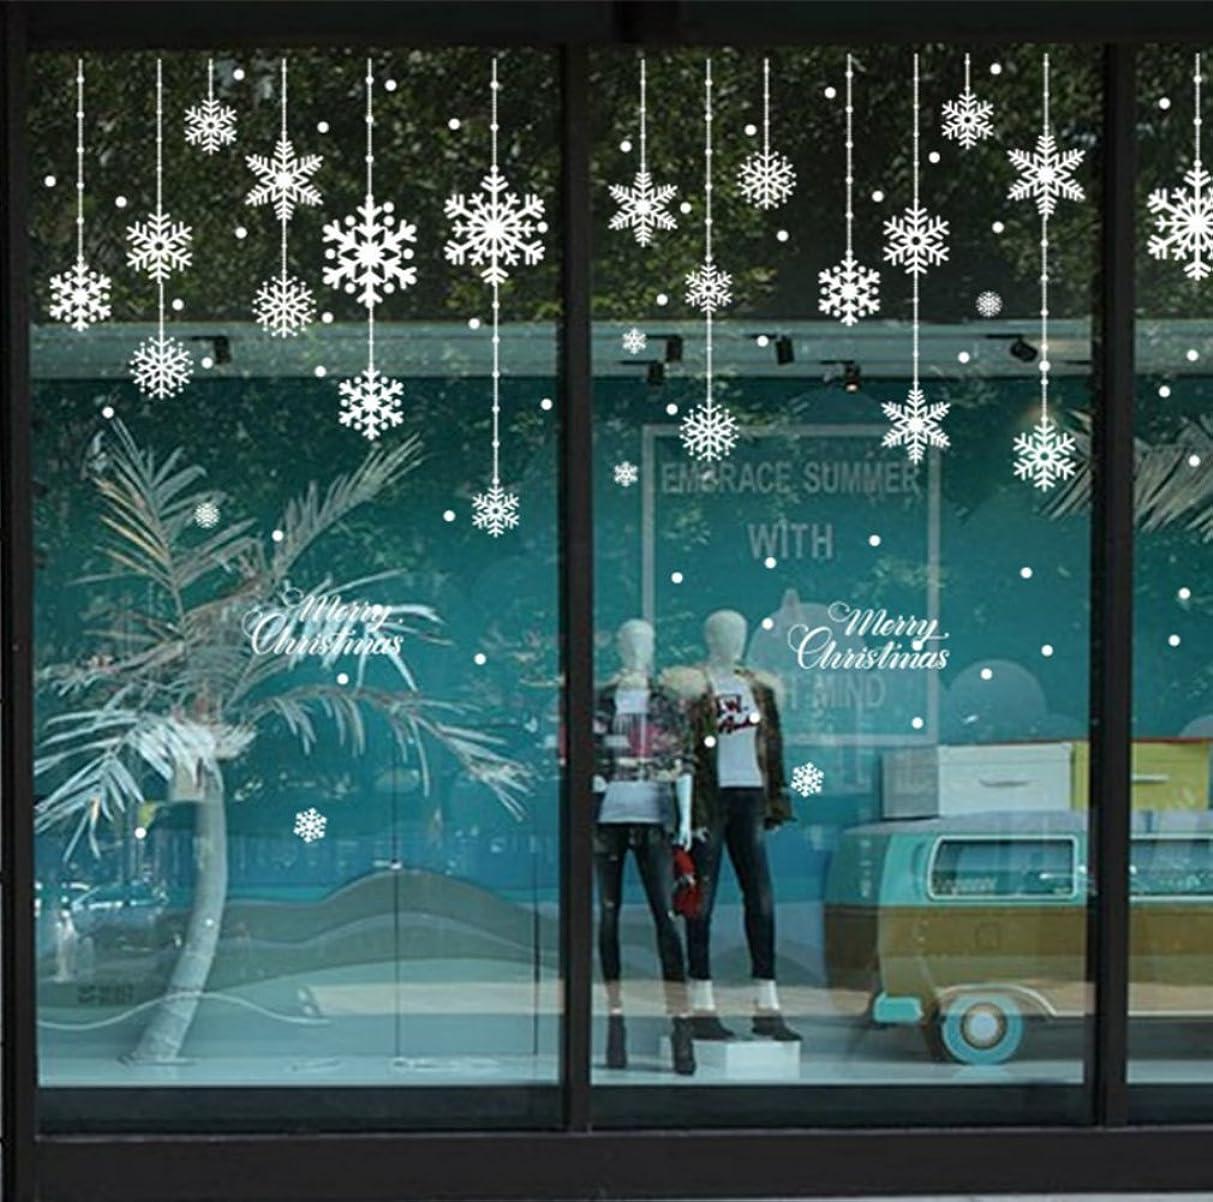 オーロック動報告書Ruier-tong クリスマススウォールステッカー 雪の結晶 雪花 ホワイト 壁紙 シール  北欧インテリアステッカー 店舗 ガラス  窓  DIY パーティー 飾り デコレーション用品 雰囲気満点 タイプA